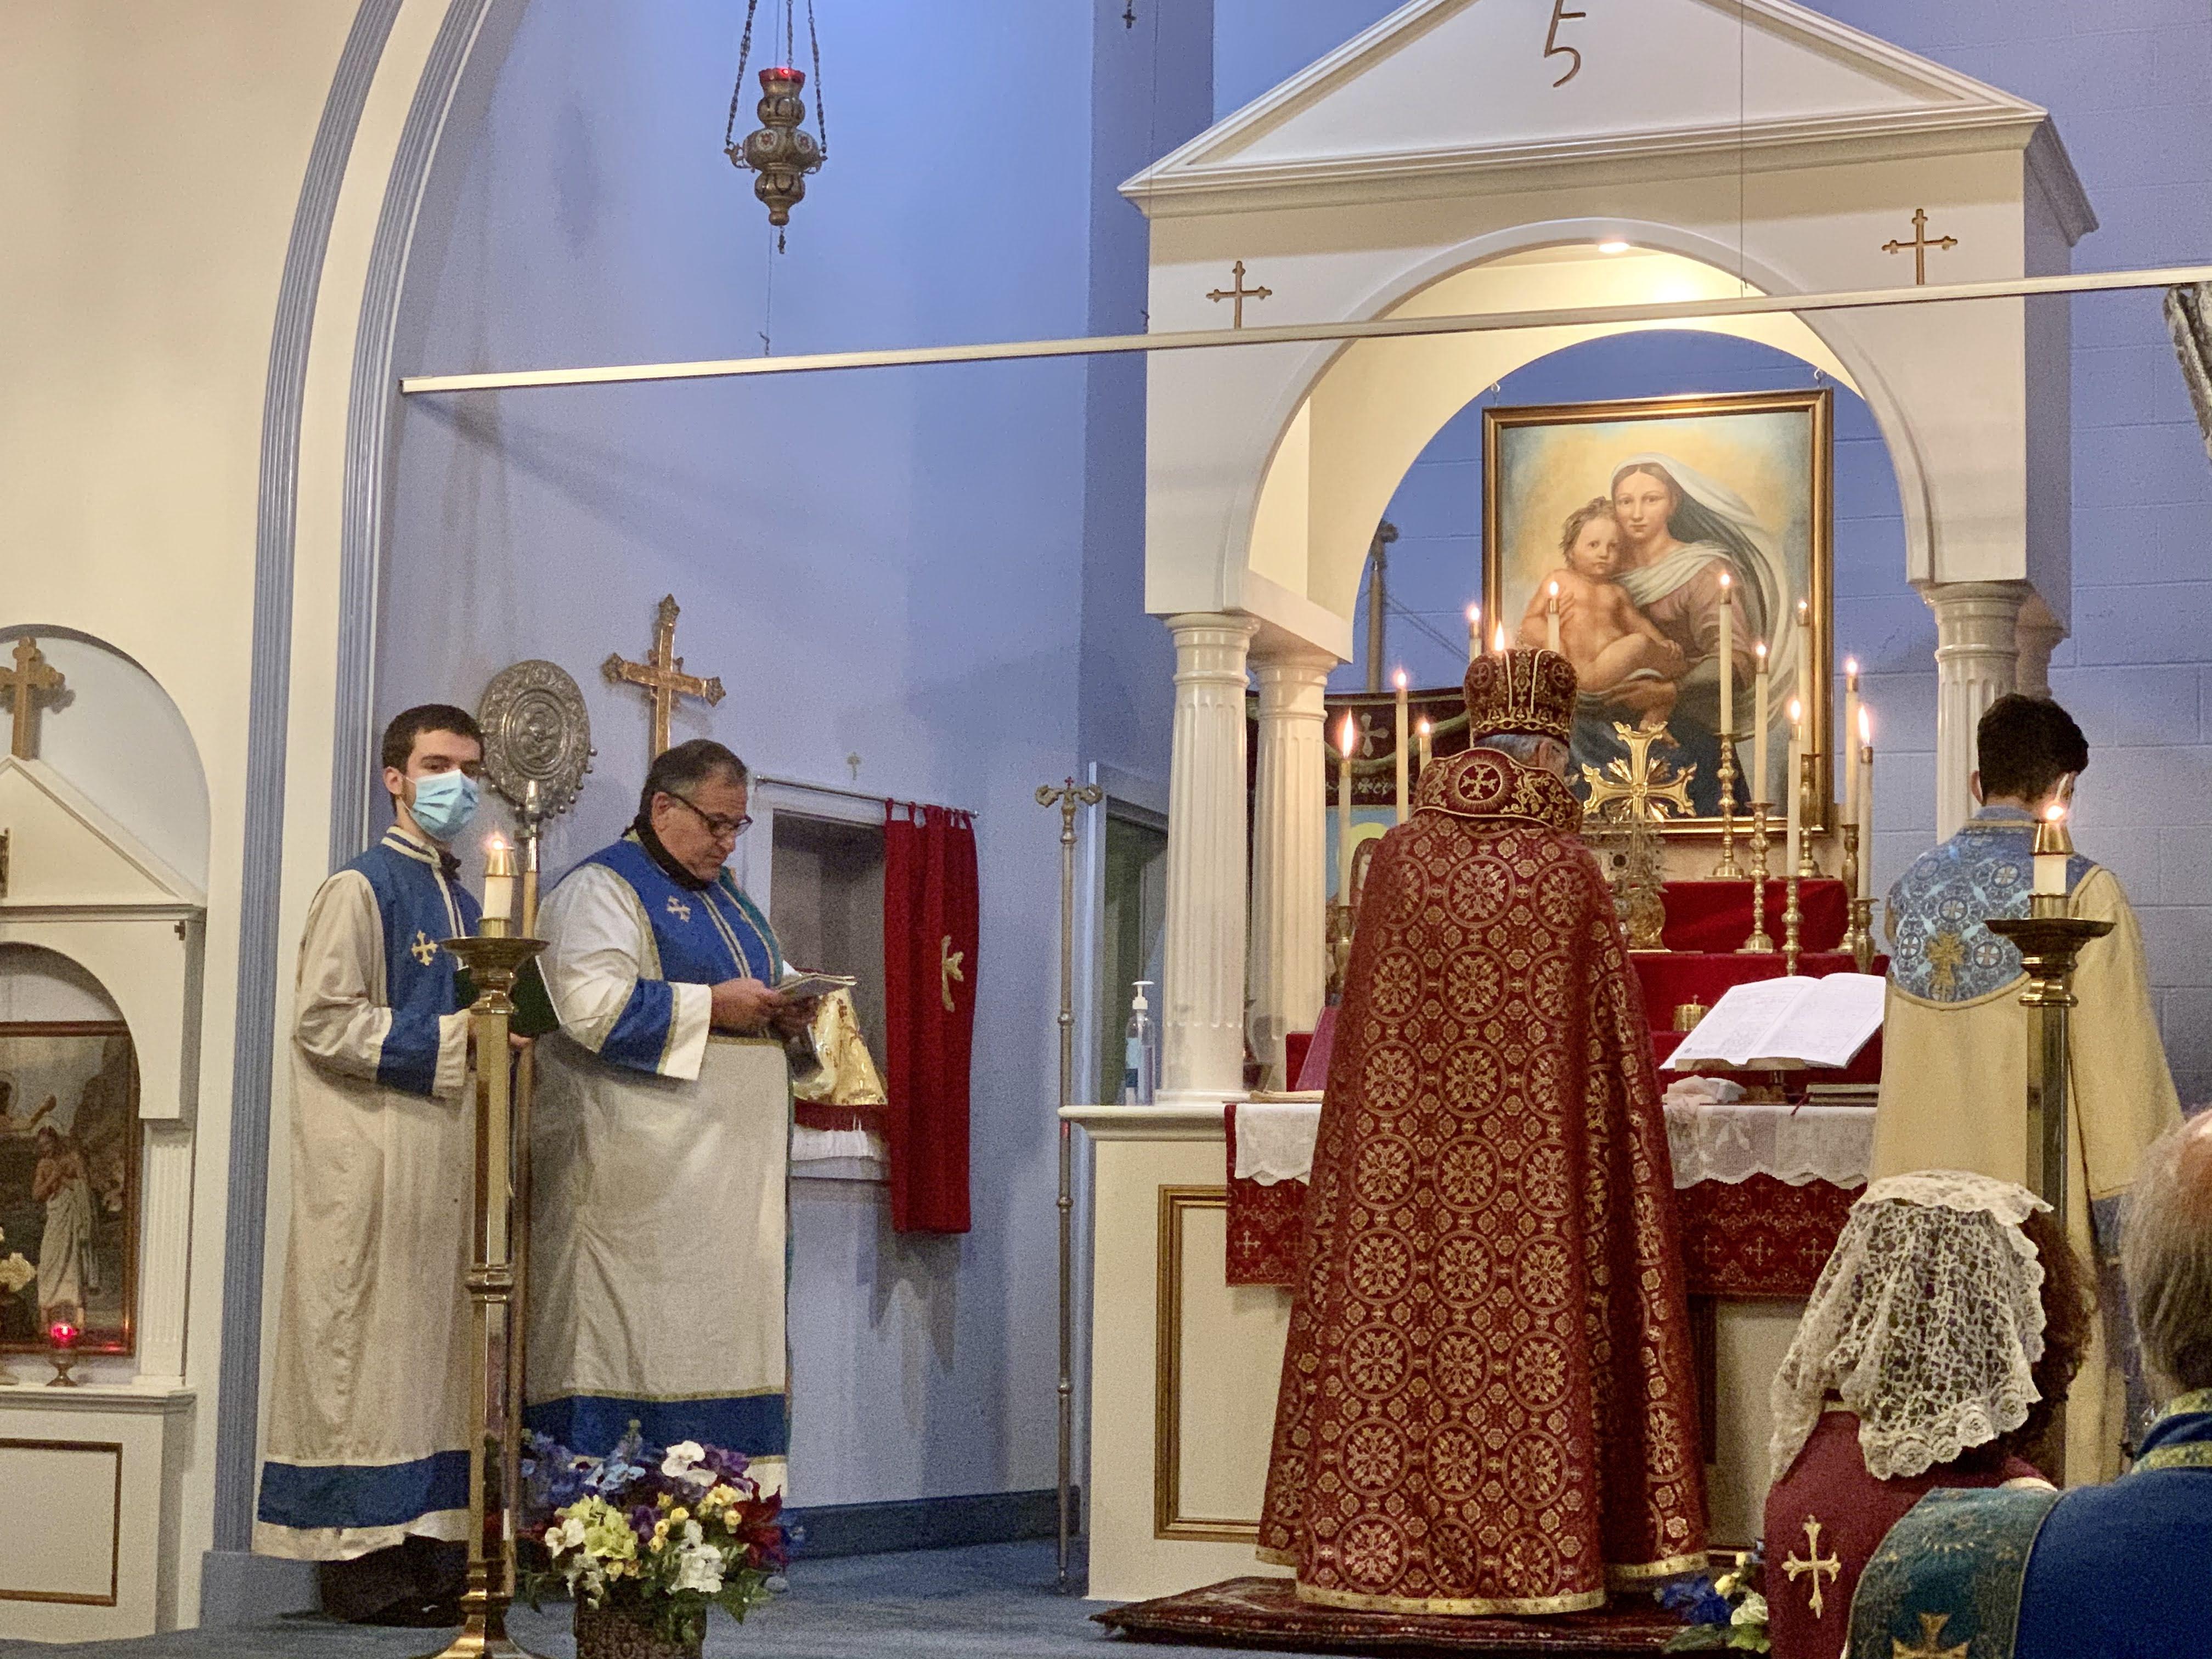 St. Leon Altar Servers Visit St. George